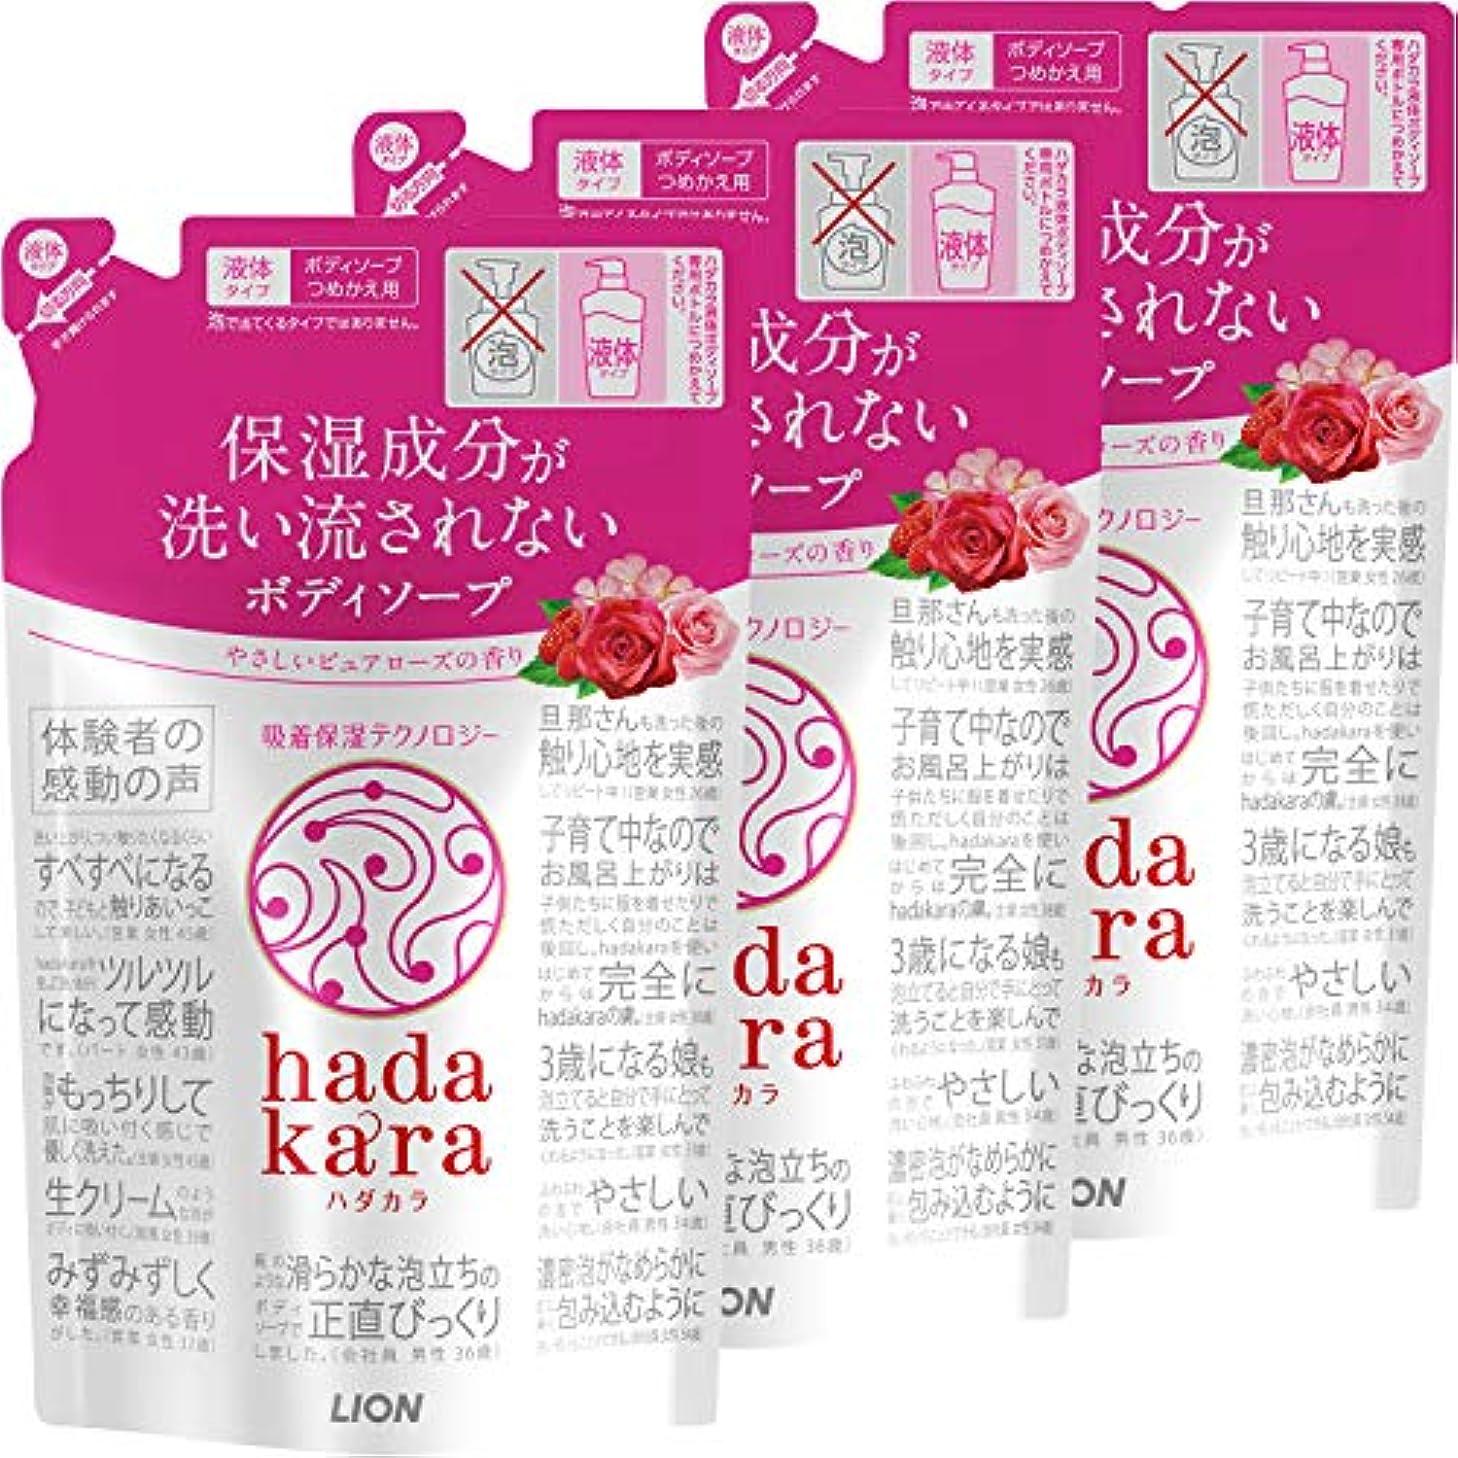 要塞遊びます法医学hadakara(ハダカラ) ボディソープ ピュアローズの香り つめかえ360ml×3個 詰替え用